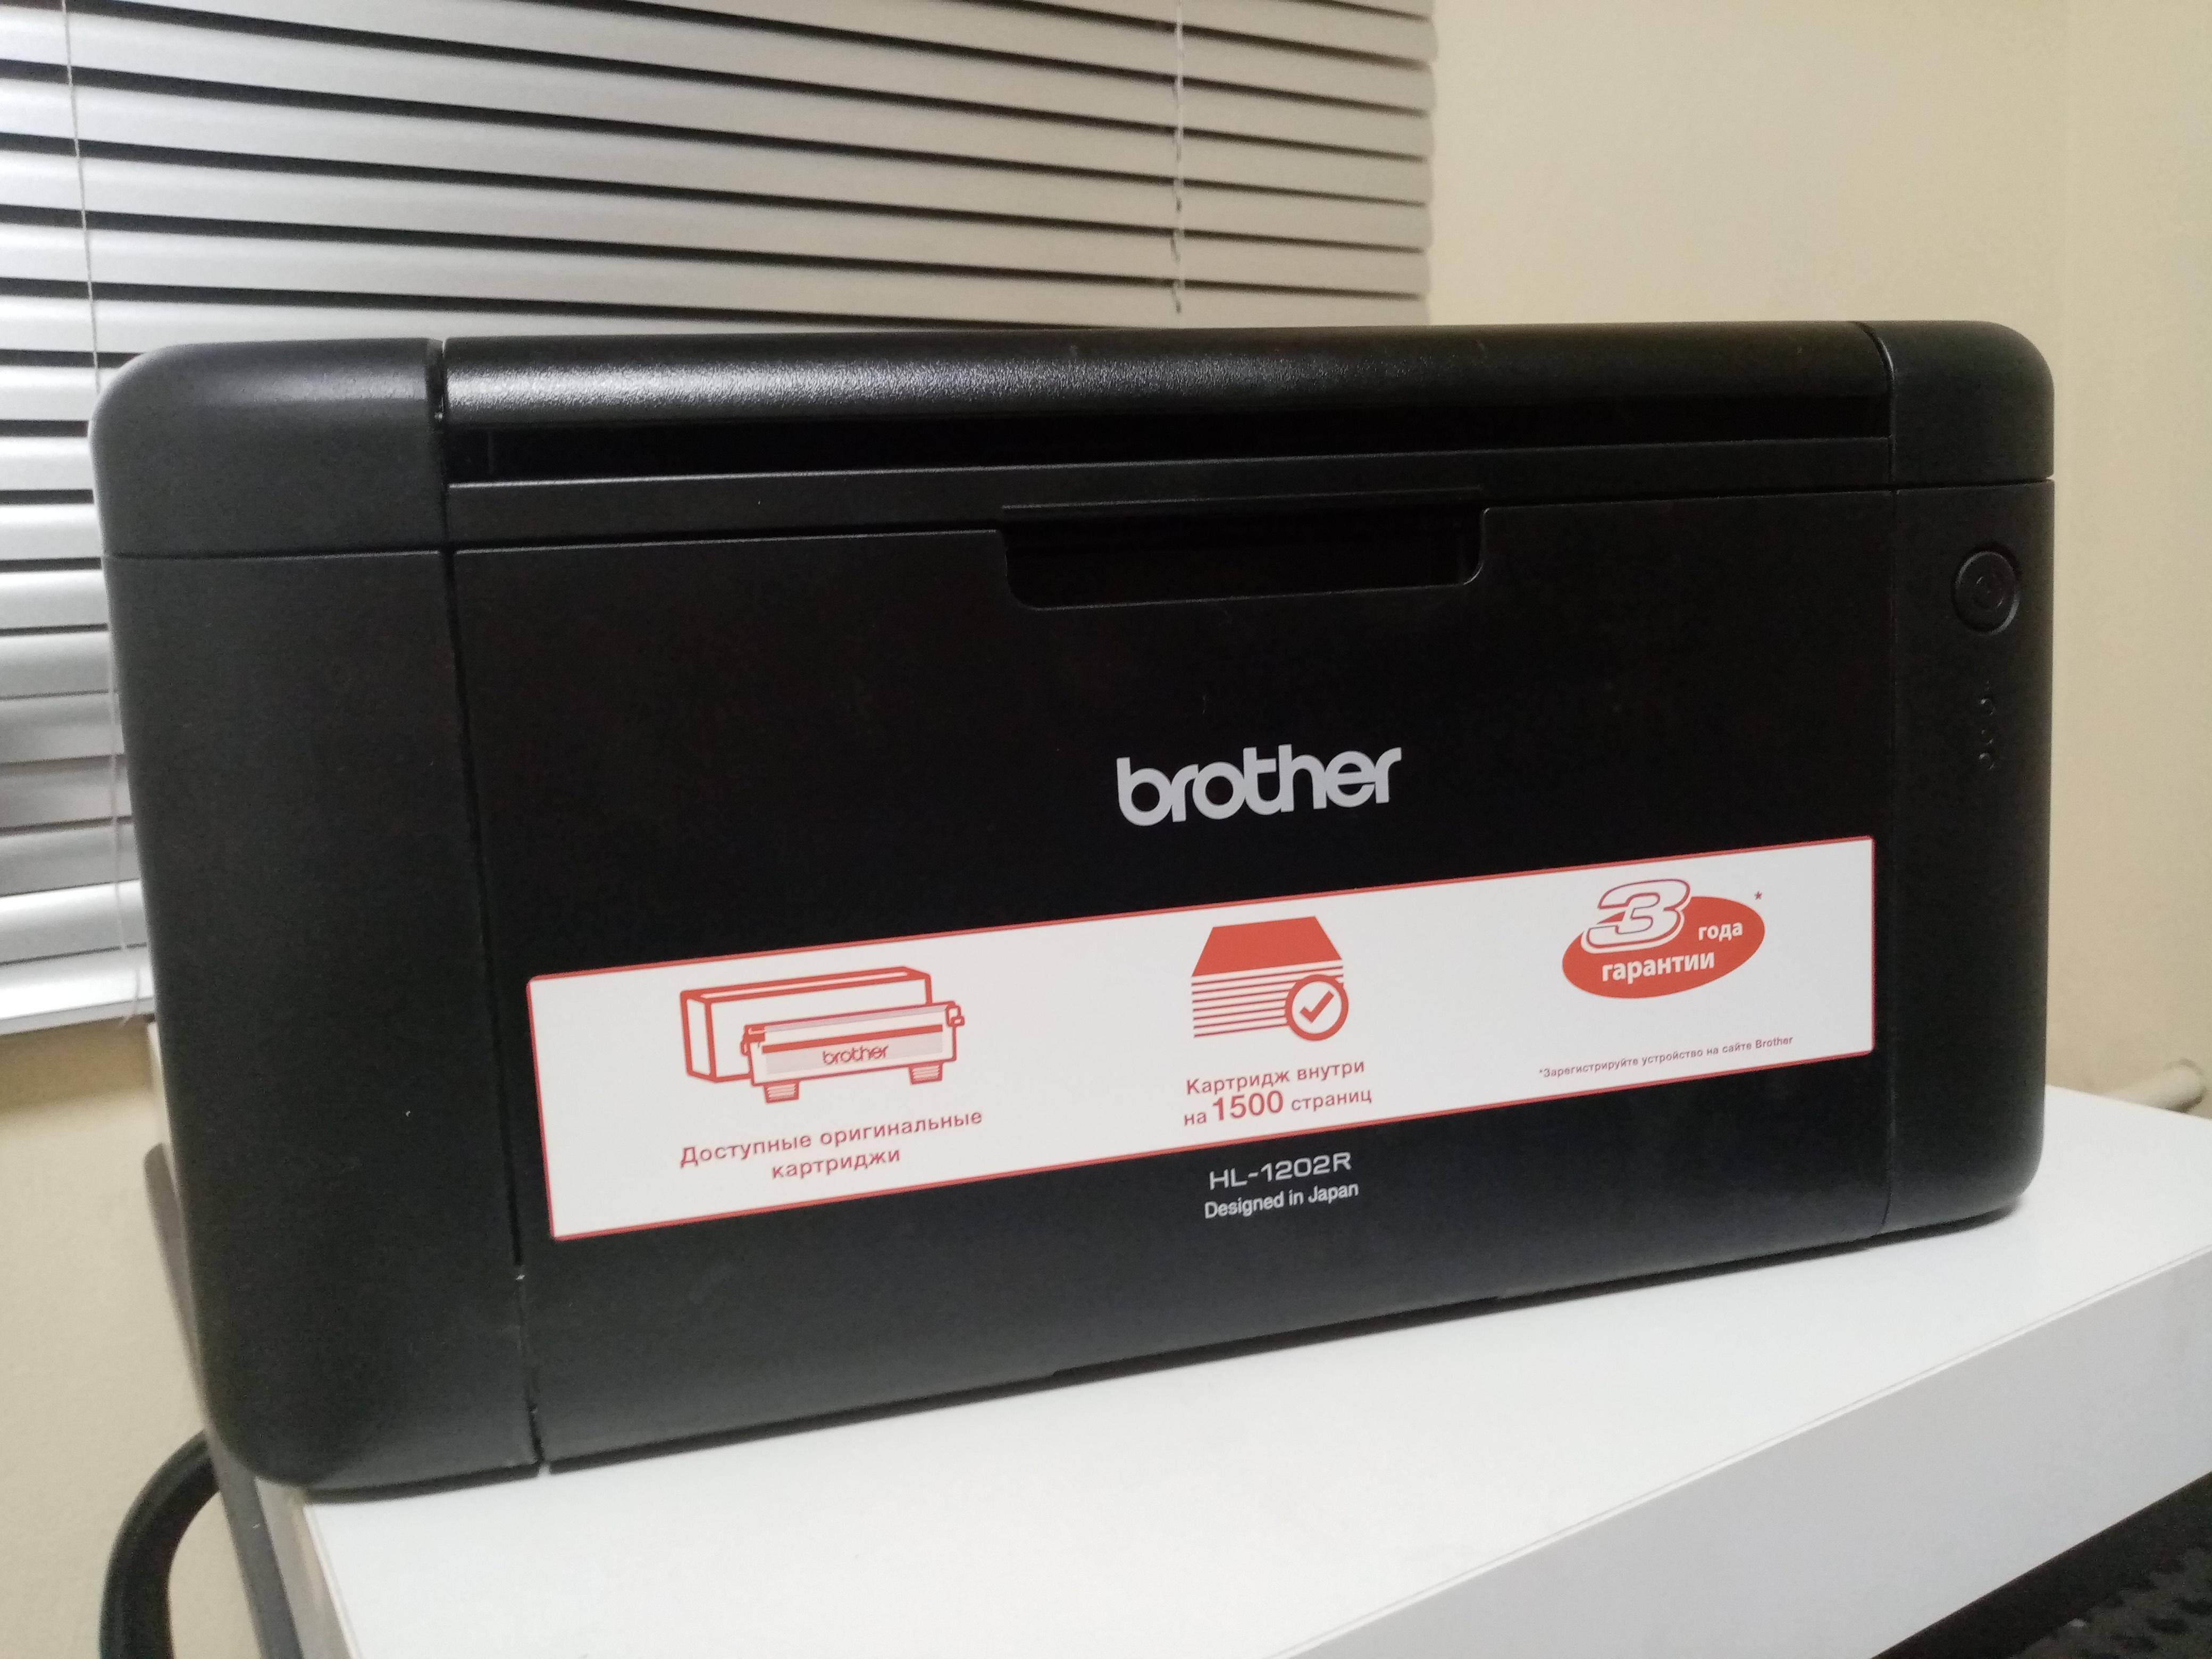 Обзор на монохромный лазерный принтер Brother HL-1202R